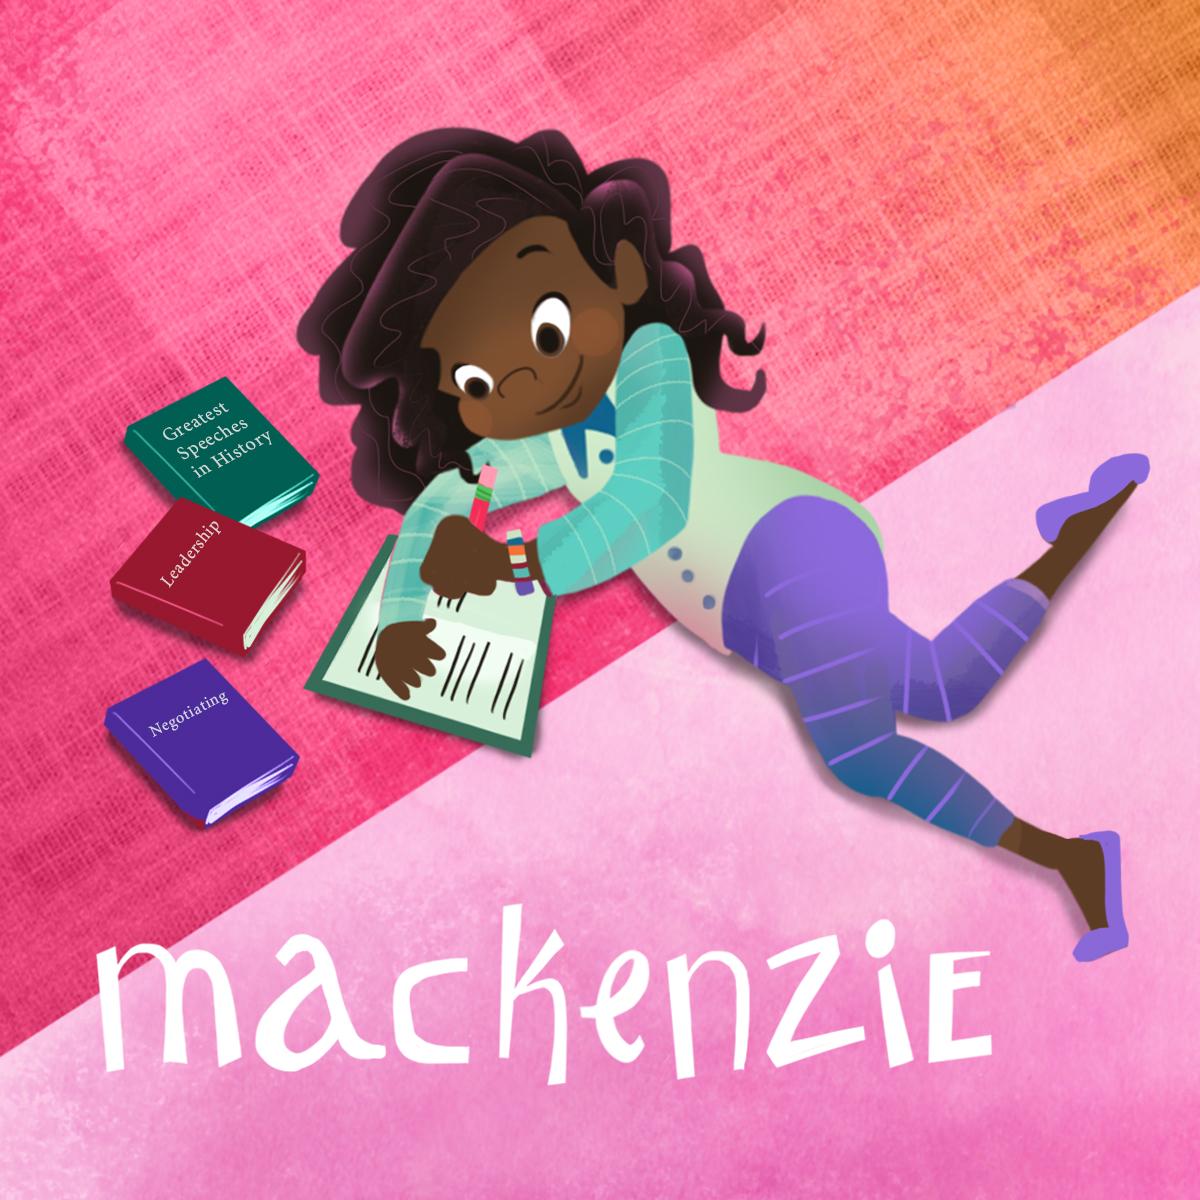 Solo_Mackenzie (1).jpg